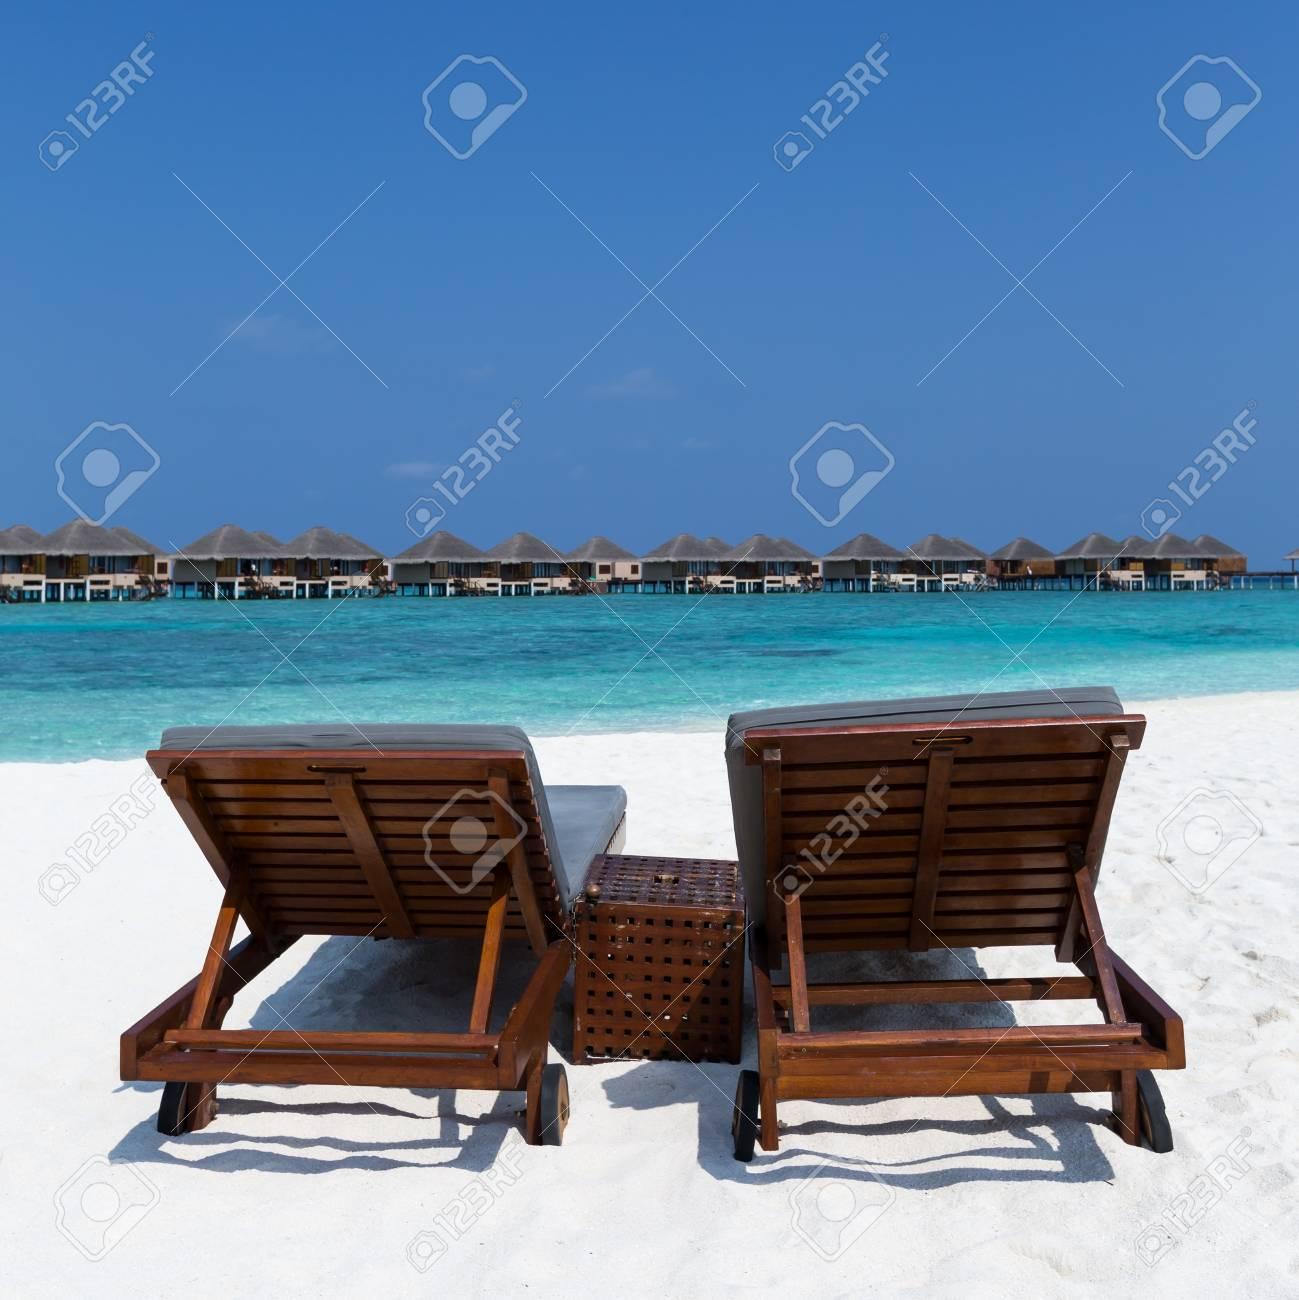 Lettini In Legno Sulla Spiaggia Incontaminata Delle Maldive. Svuoti ...